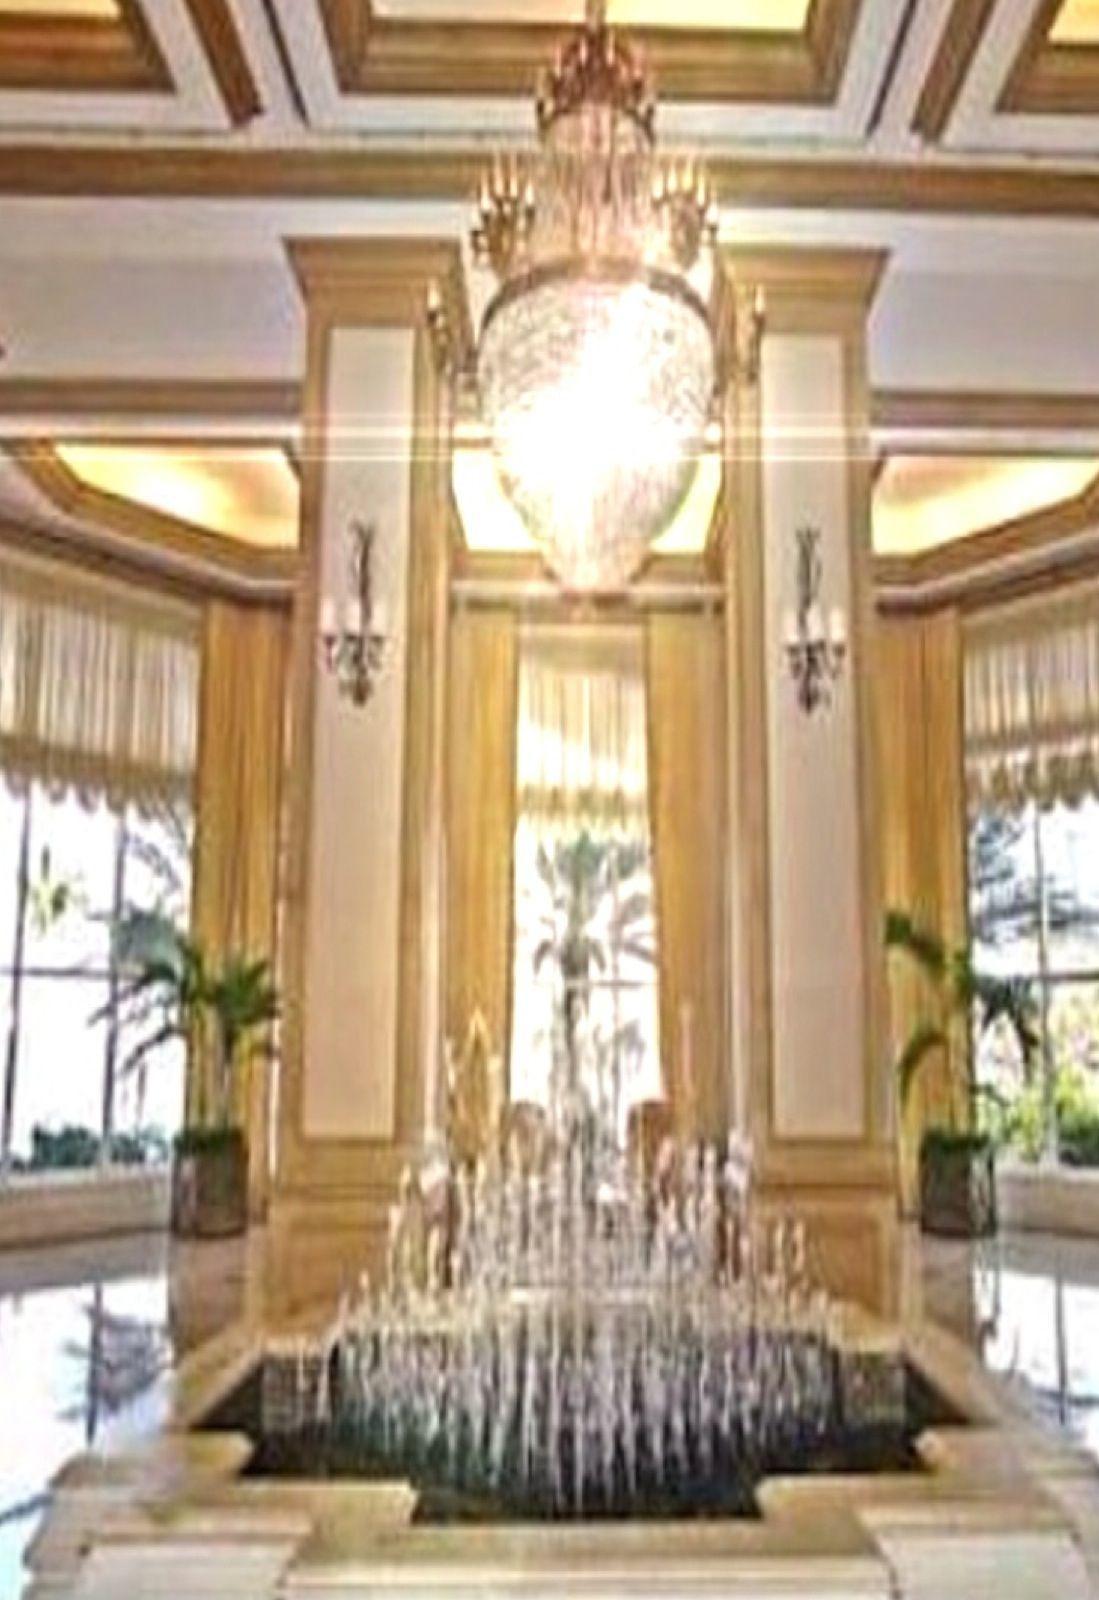 Luxury Mansion Foyer : Luxury mansions california⭐️ foyer entrances hallways